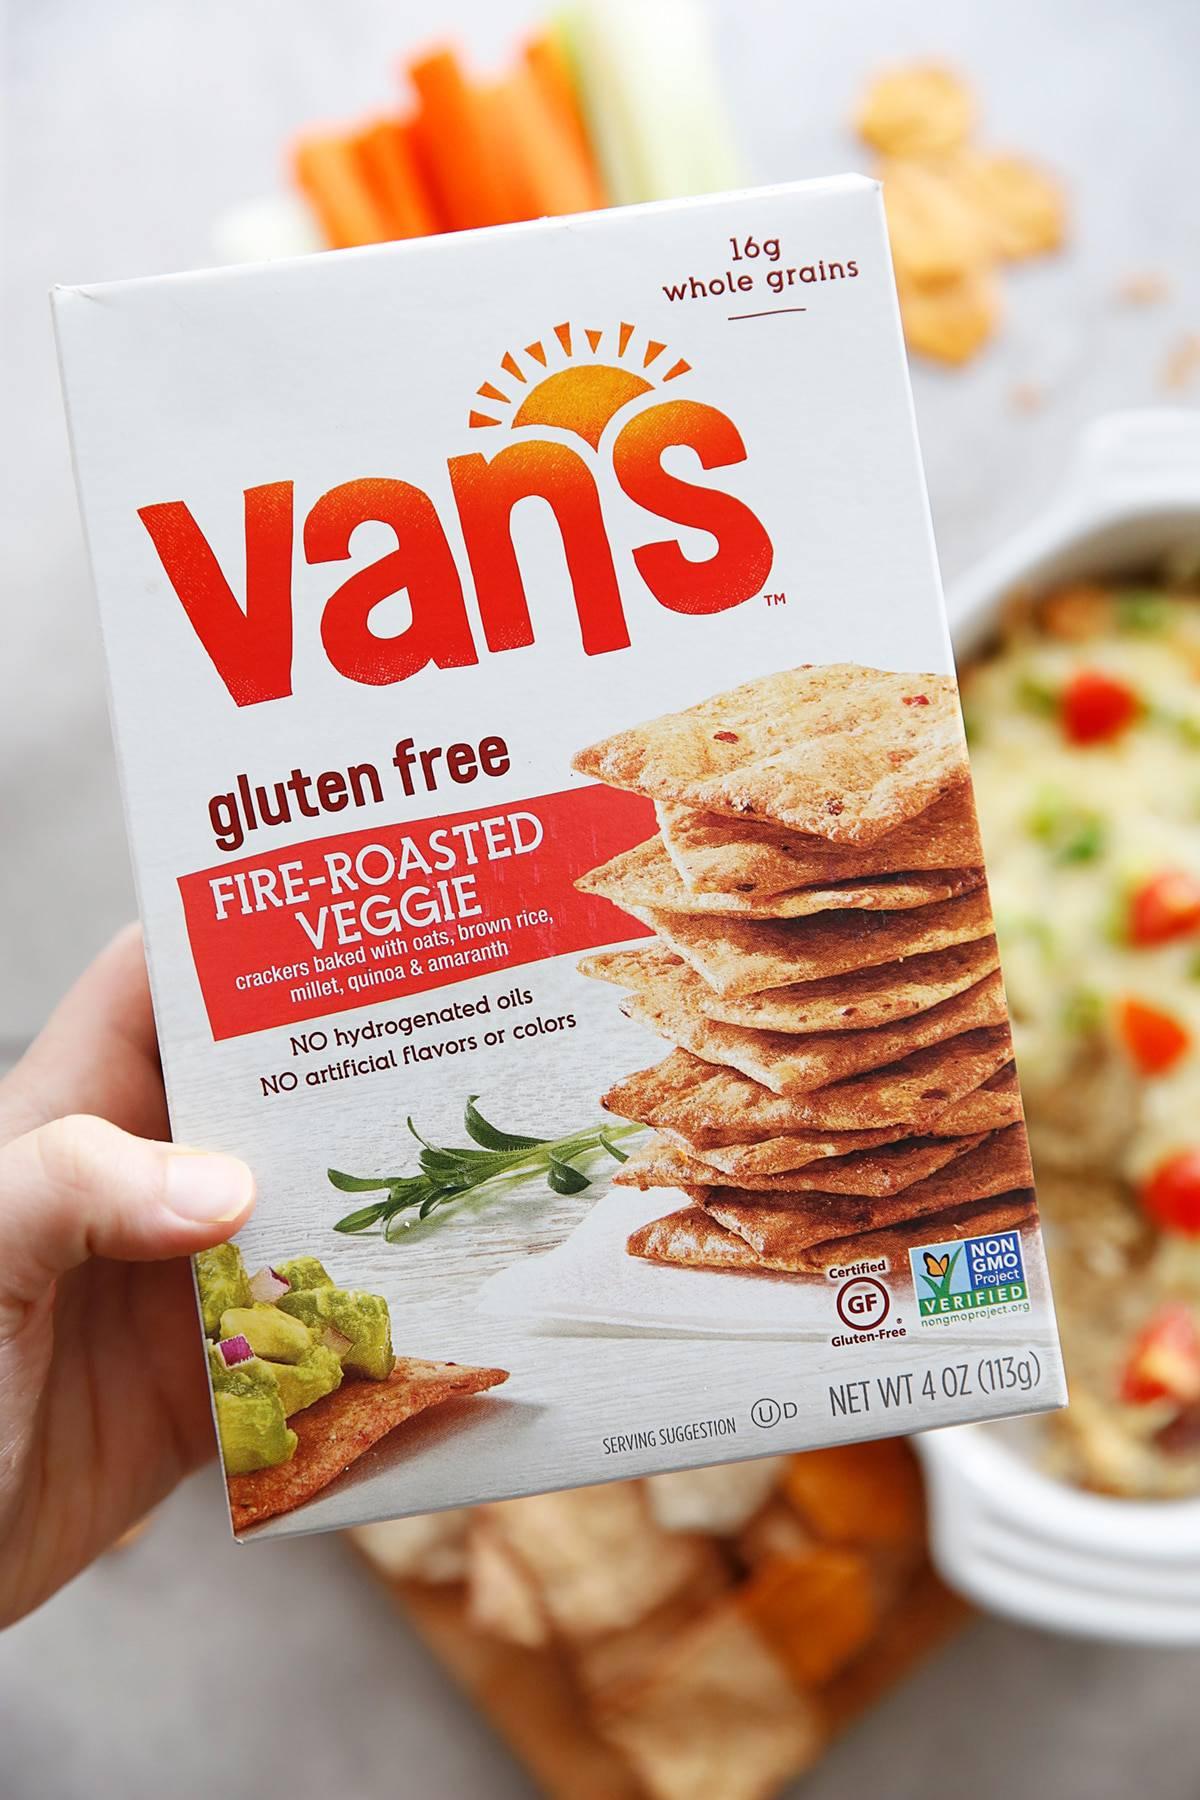 Vans Gluten Free Crackers